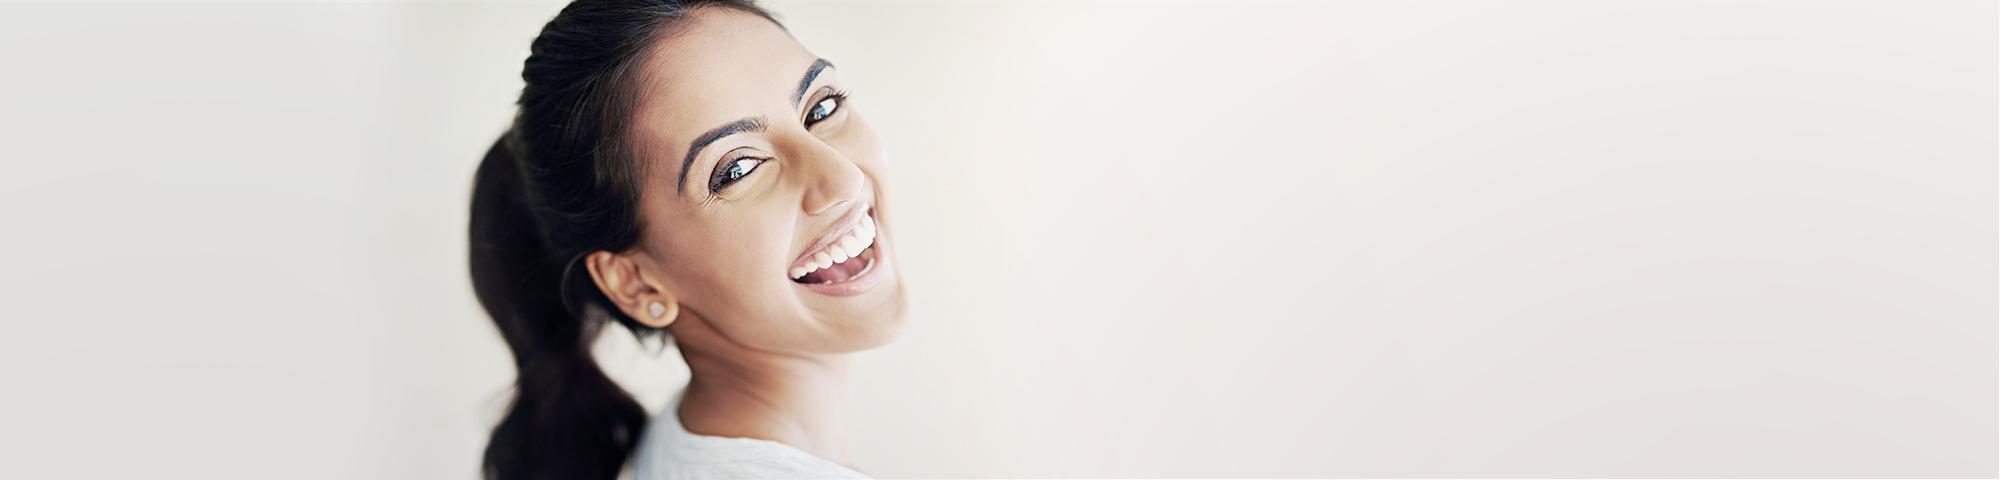 Service dentisterie esthétique